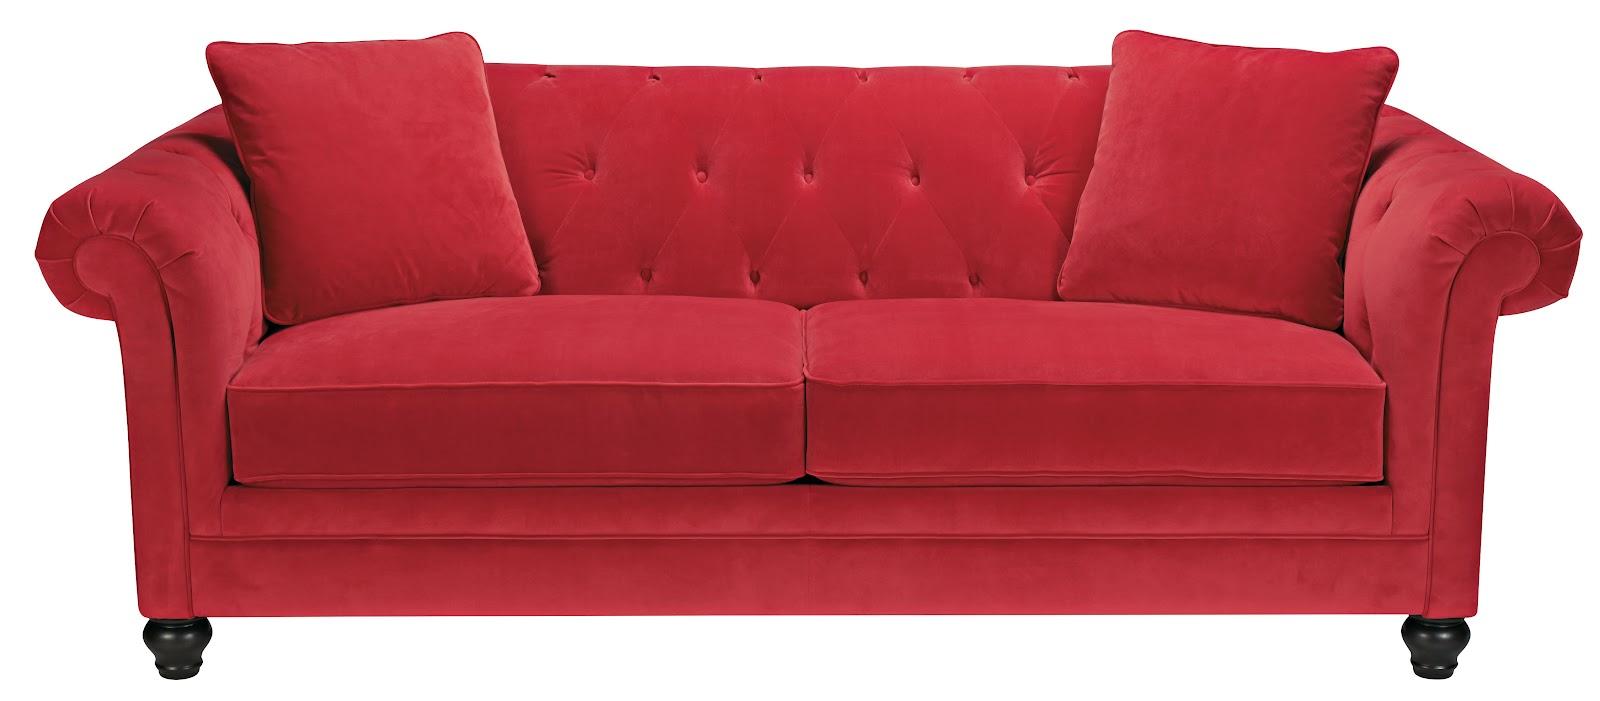 http://stiventures.com/wp-content/uploads/2015/07/sofa-as-awesome-design-for-new-innovation-of-design-Living-room-solution-at-stiventures.com-4.jpg